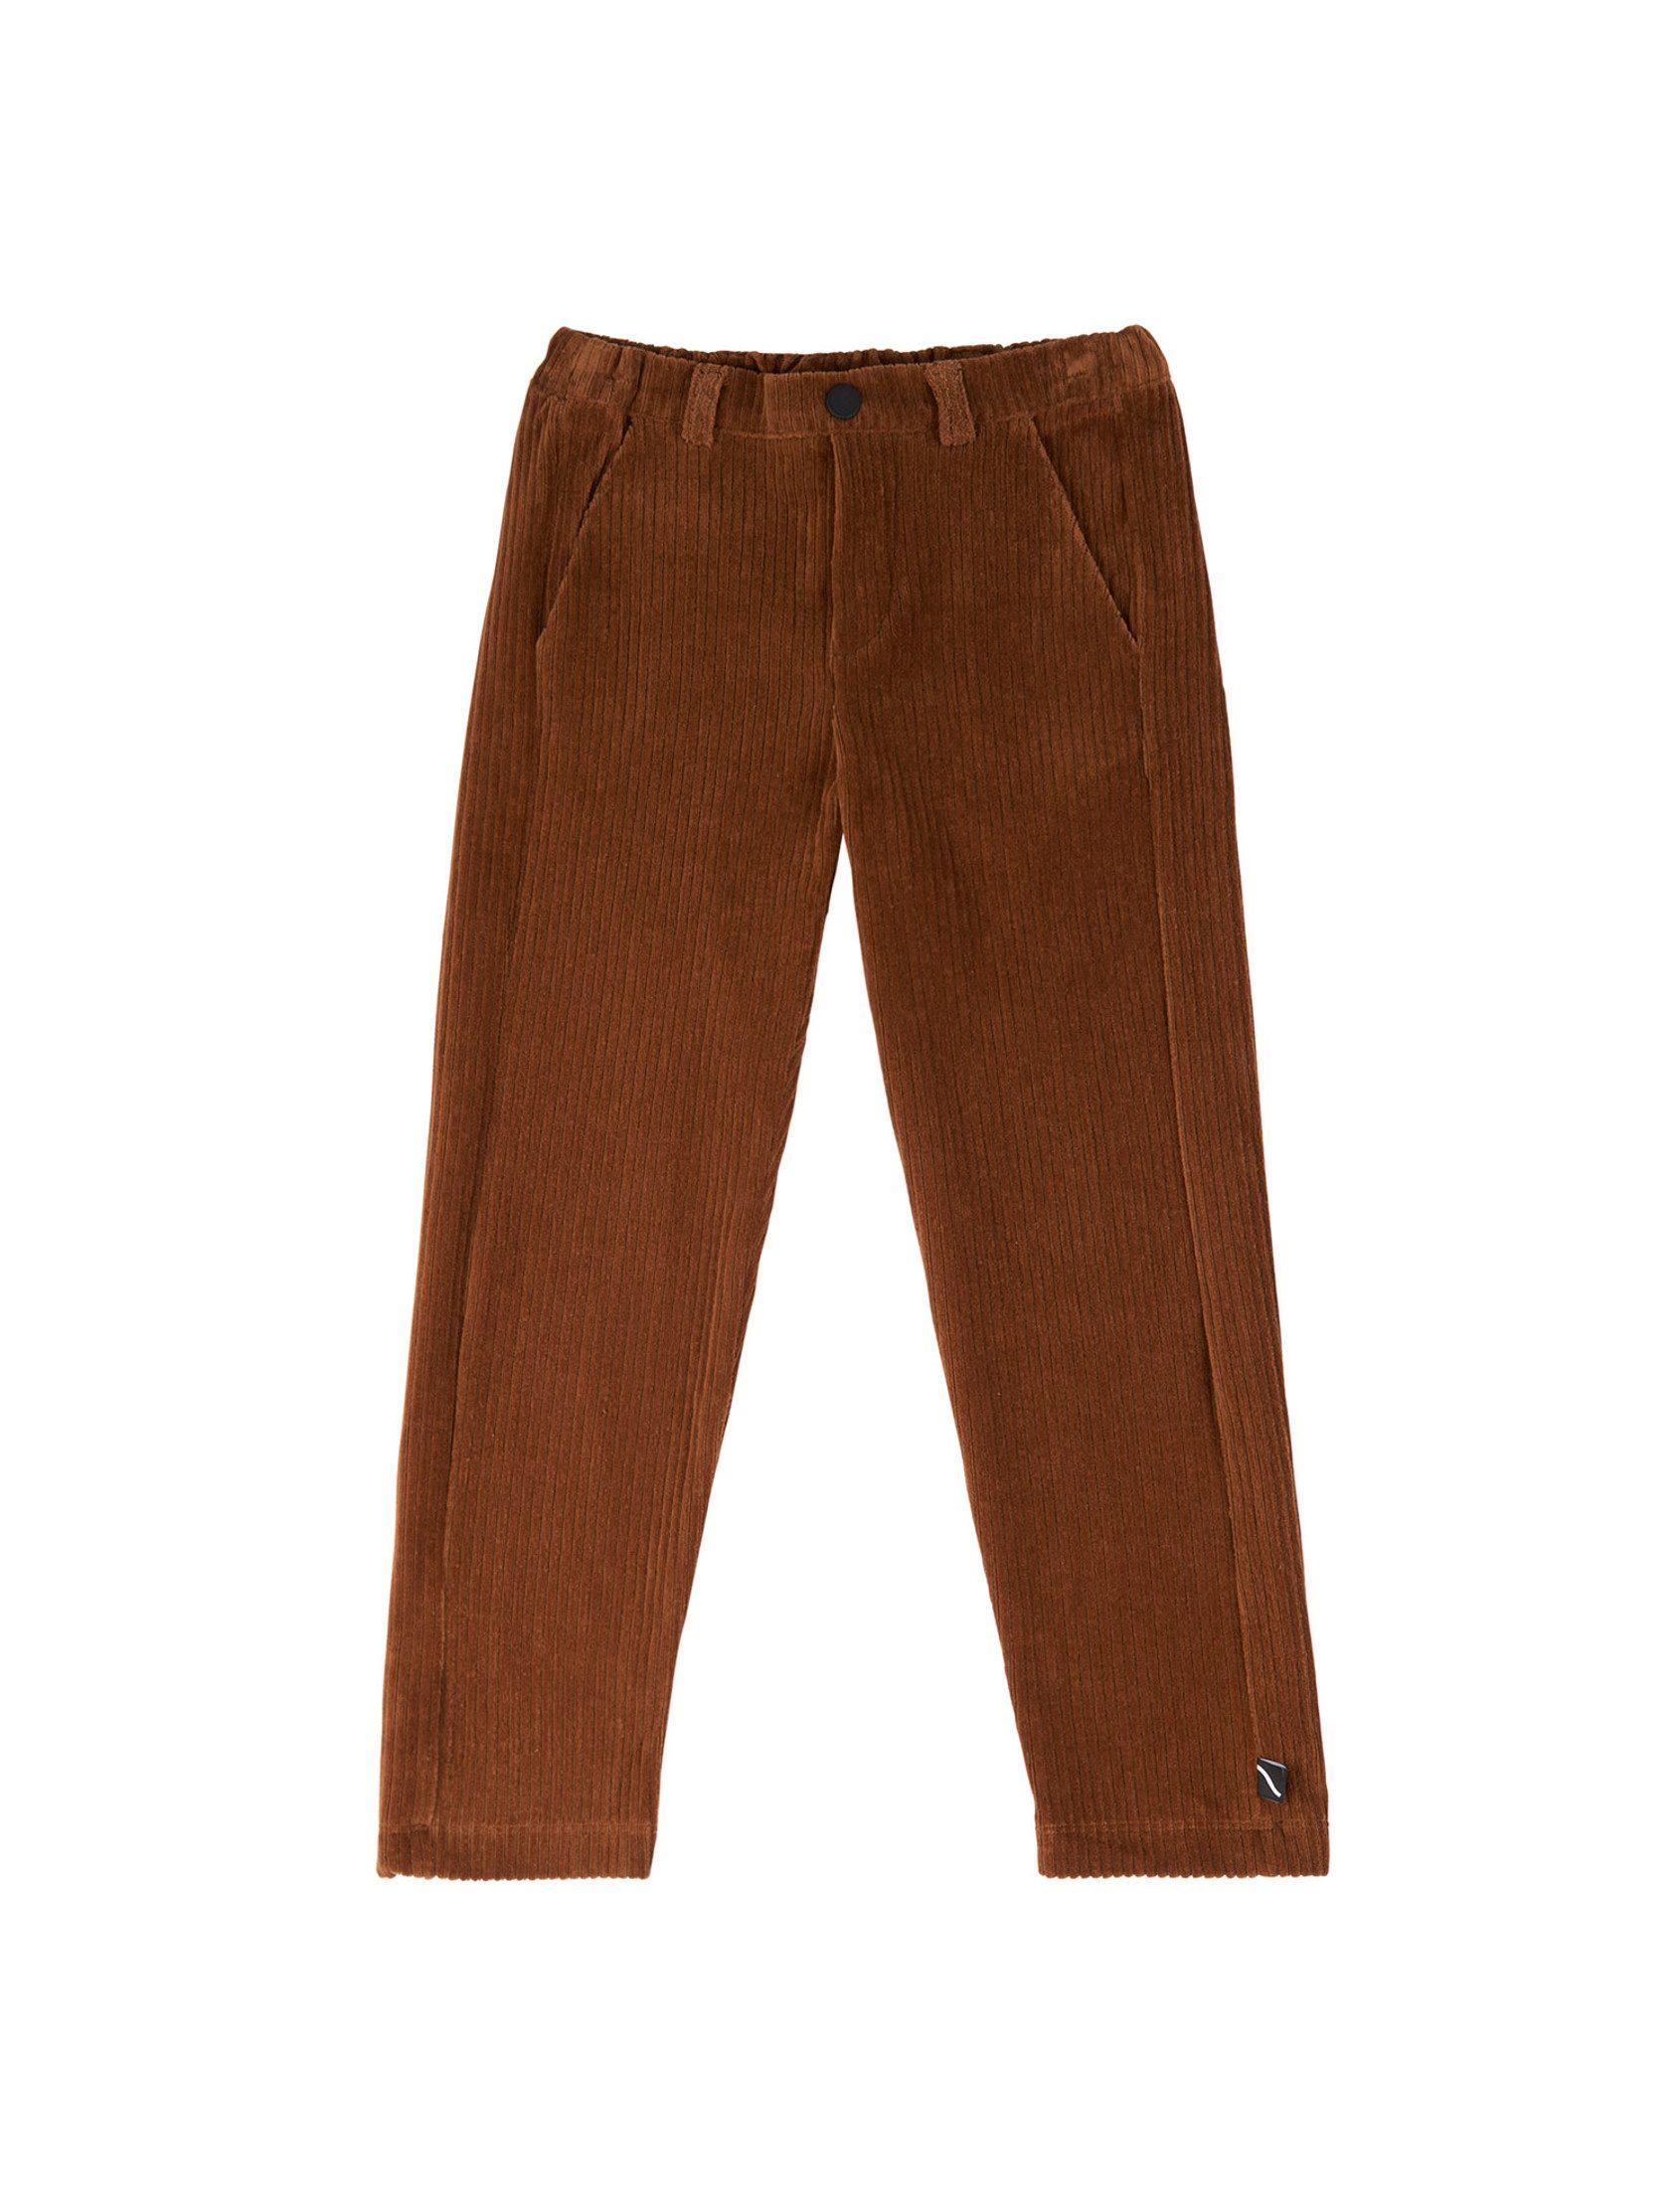 Pantalón chino de pana carlijnq cómodo y elegante en pana marrón. Provisto de cinturilla elástica y ajustable. ¡Iimprescindible para esta temporada!